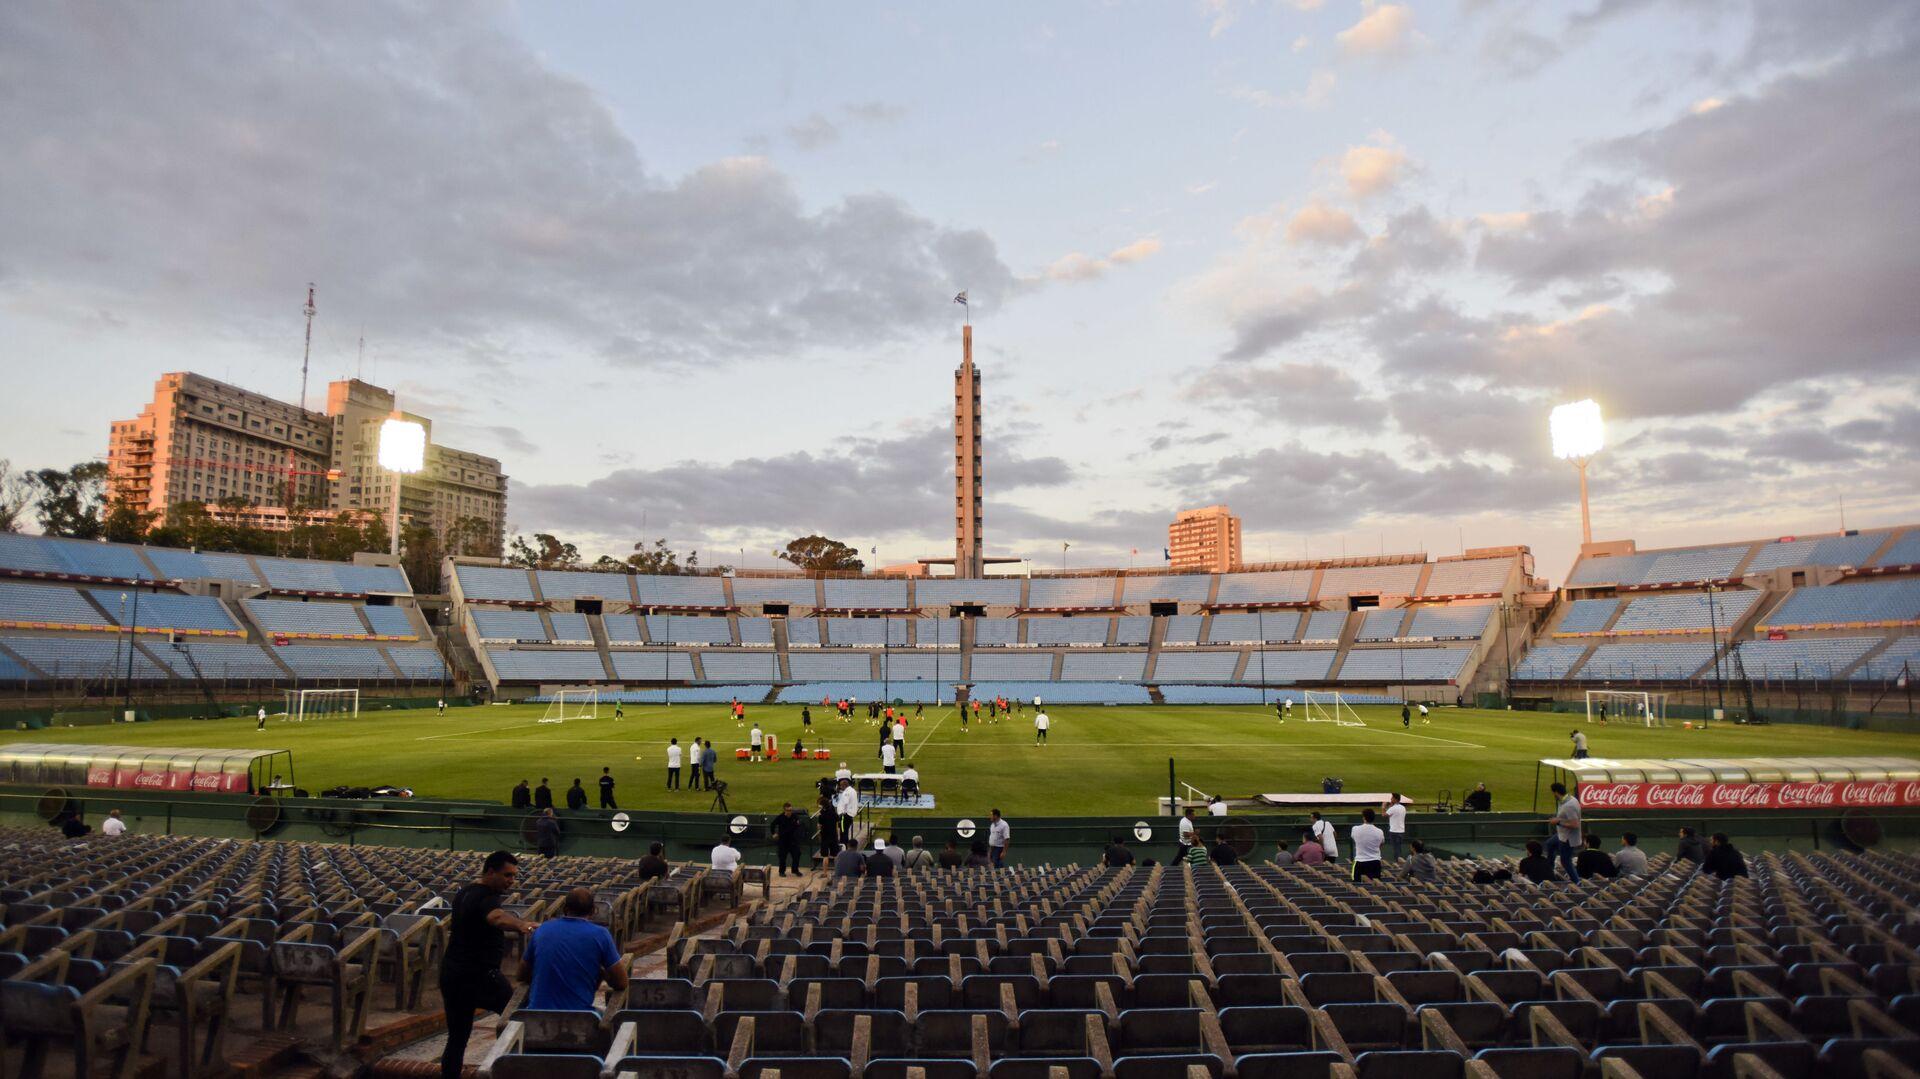 El Estadio Centenario en Montevideo, Uruguay - Sputnik Mundo, 1920, 29.07.2021